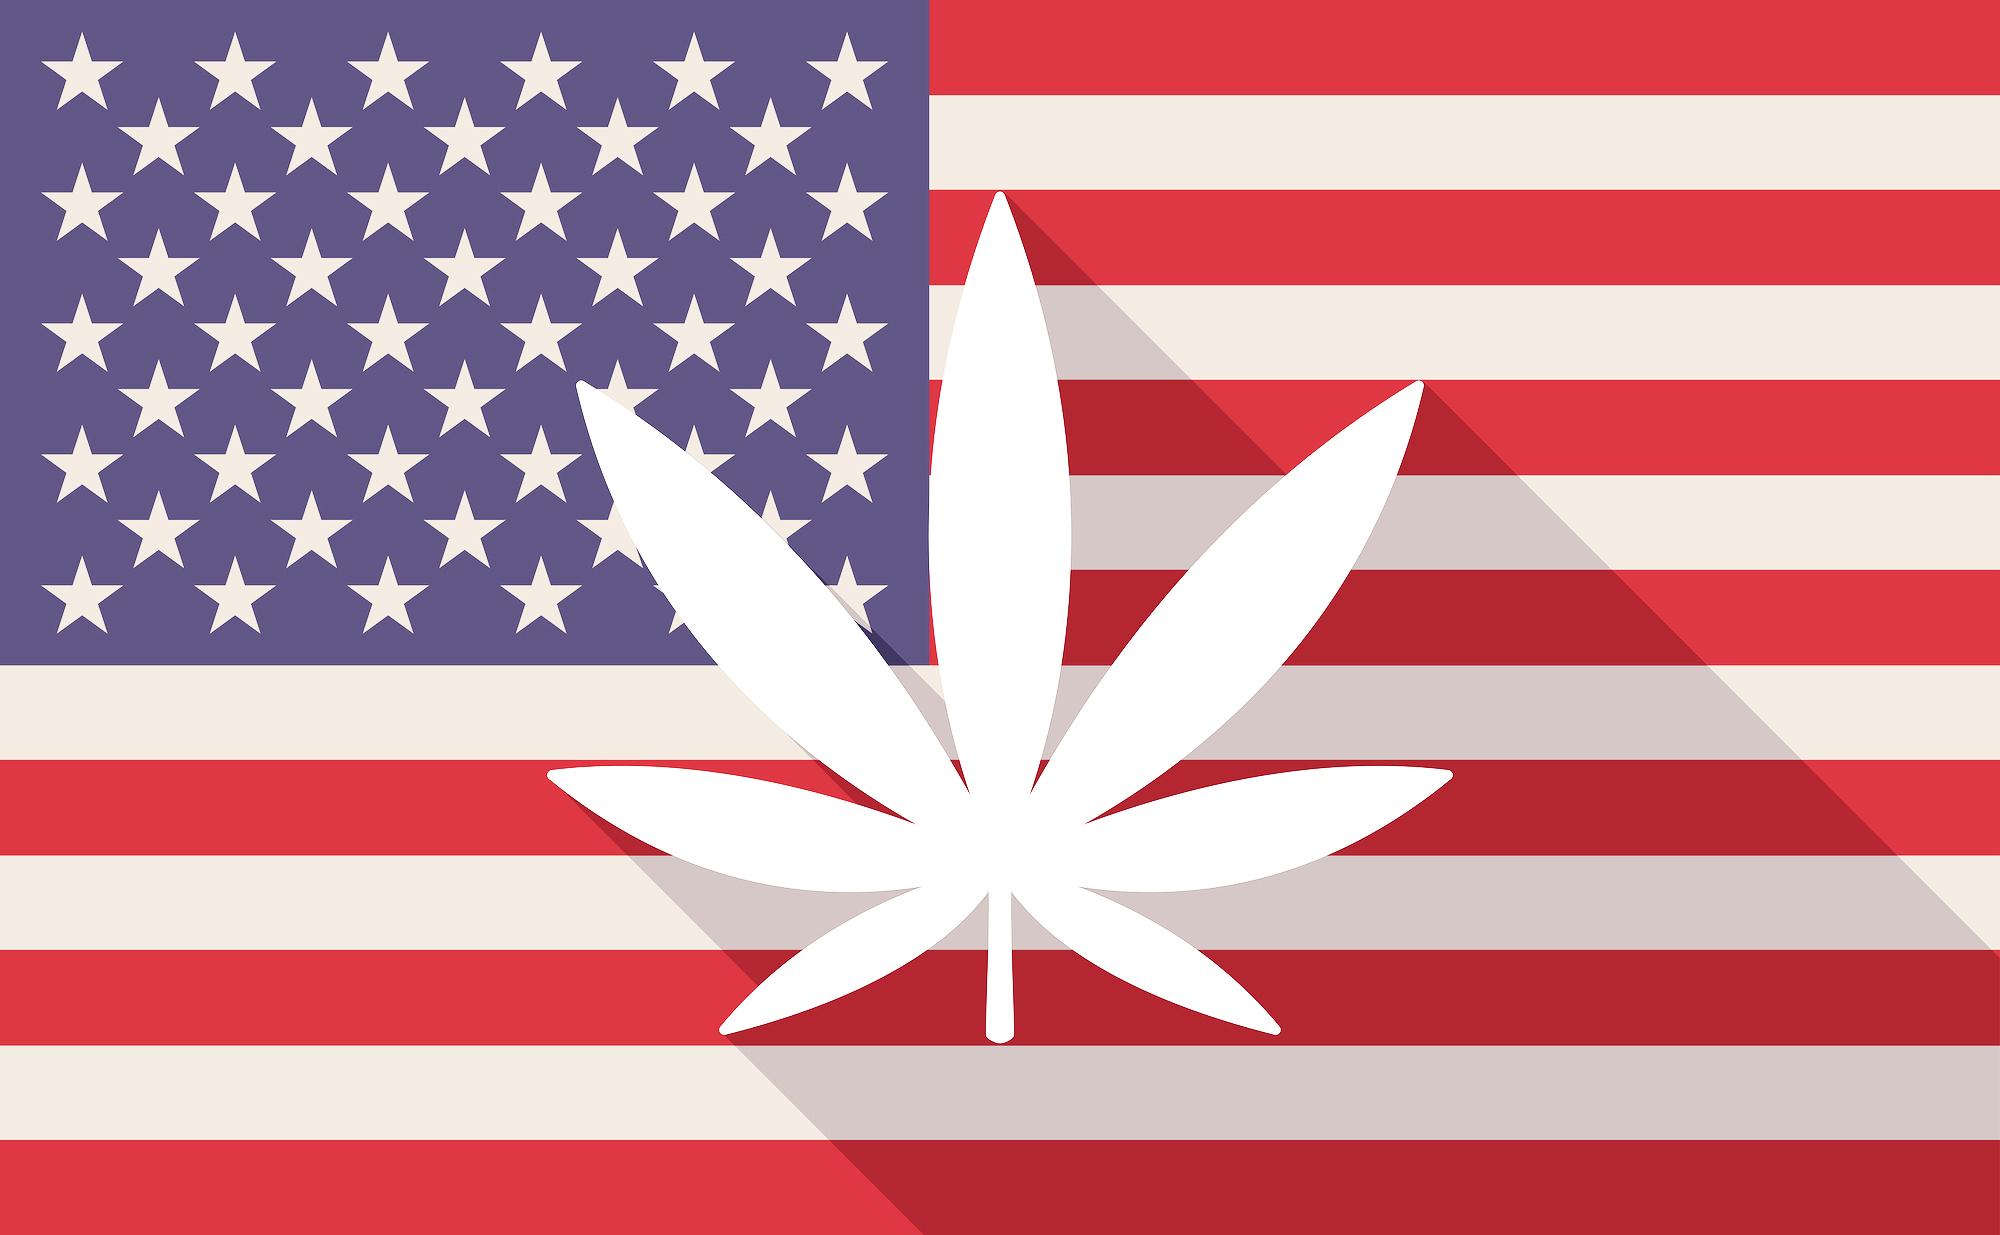 usmarijuanaflag